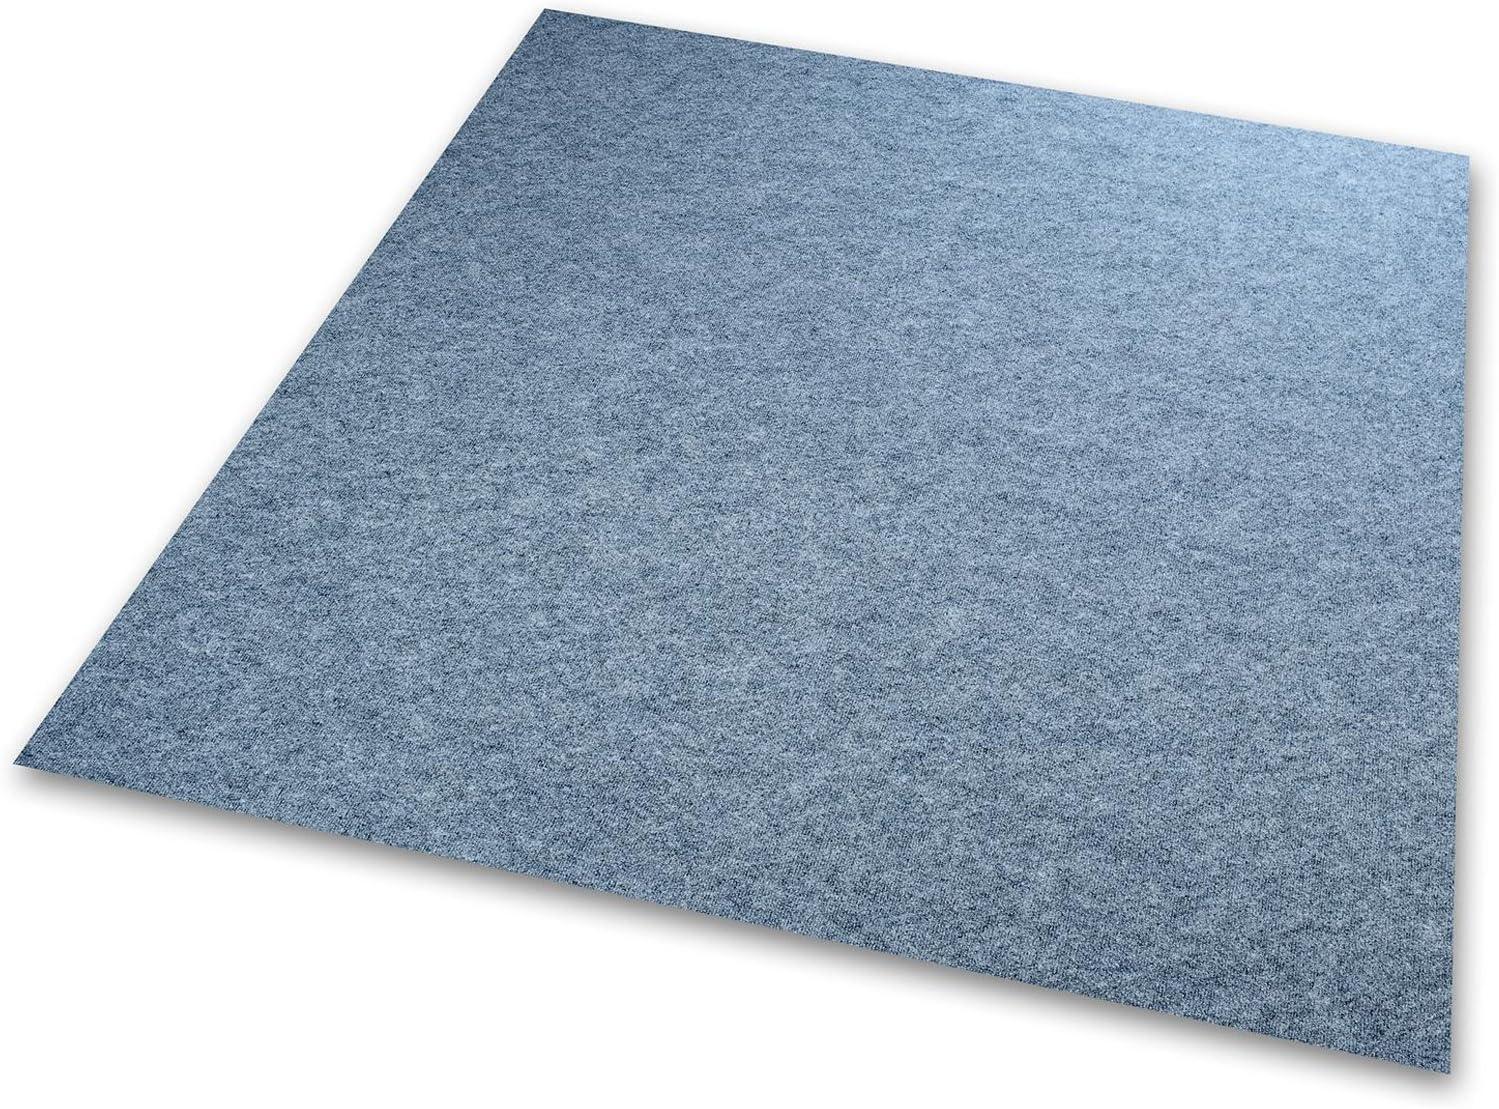 wasserabweisend 100x200 cm, braun Emissions- /& geruchsfrei Floori/® Nadelfilz Teppich GUT-Siegel Viele Farben /& Gr/ö/ßen